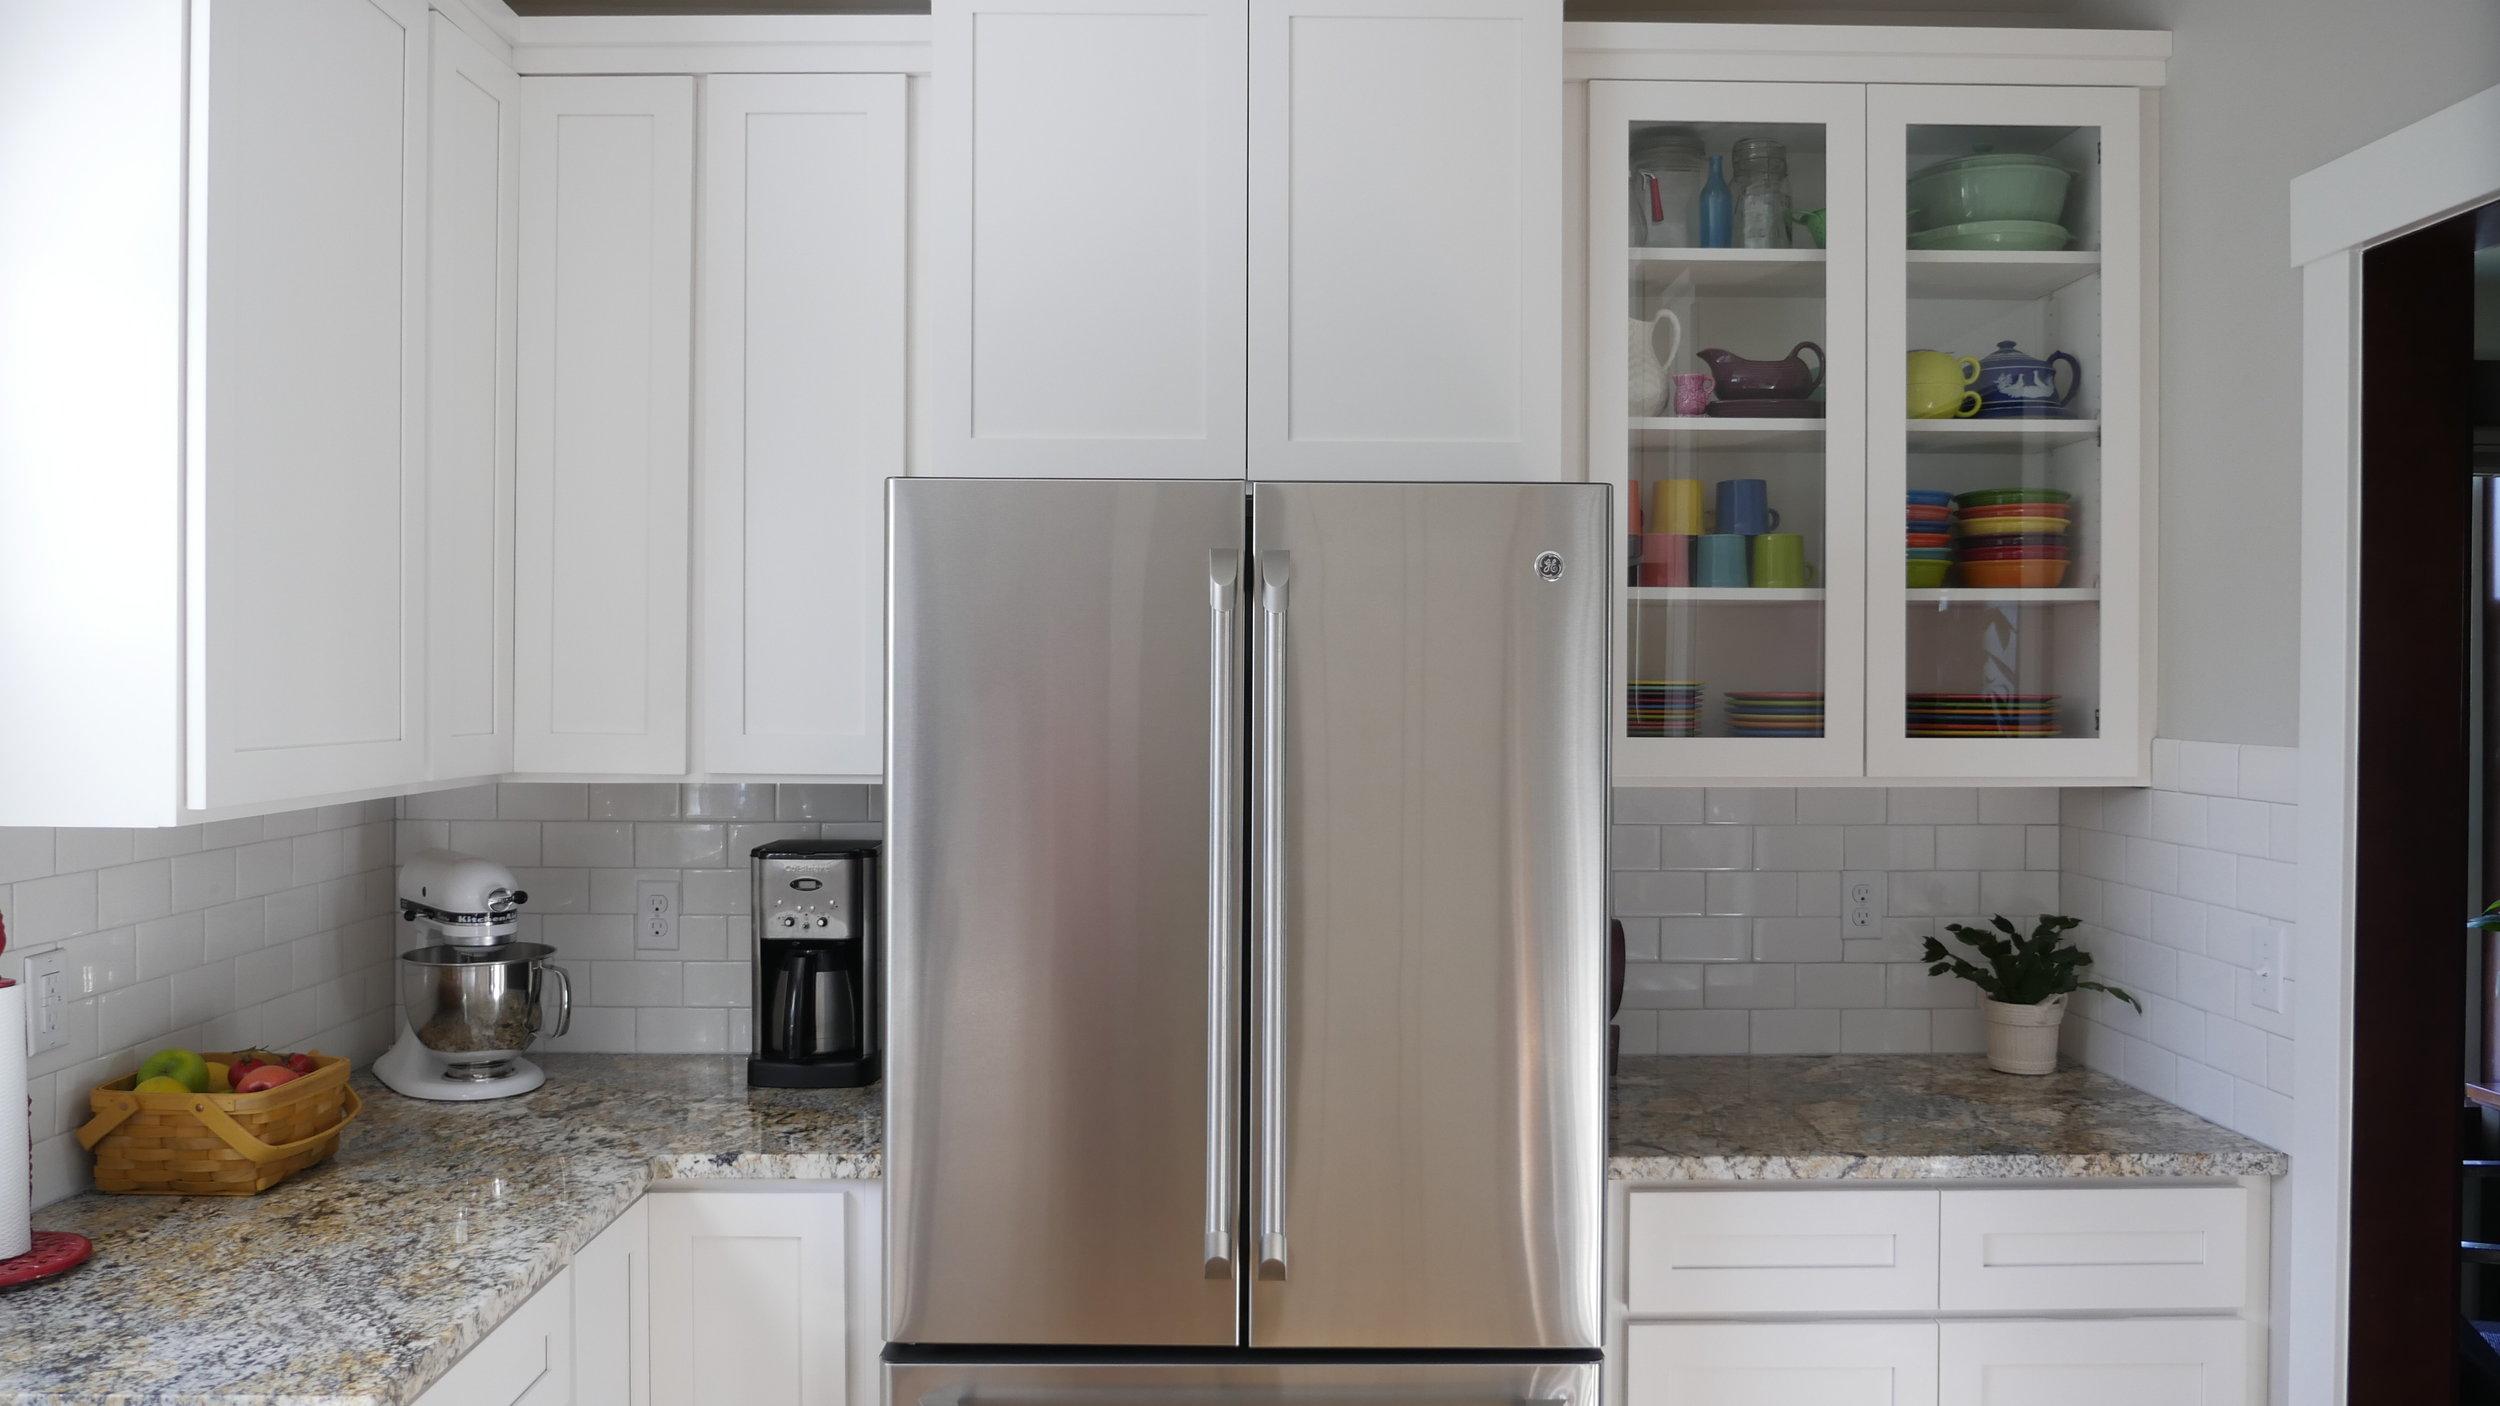 fridge-run.JPG